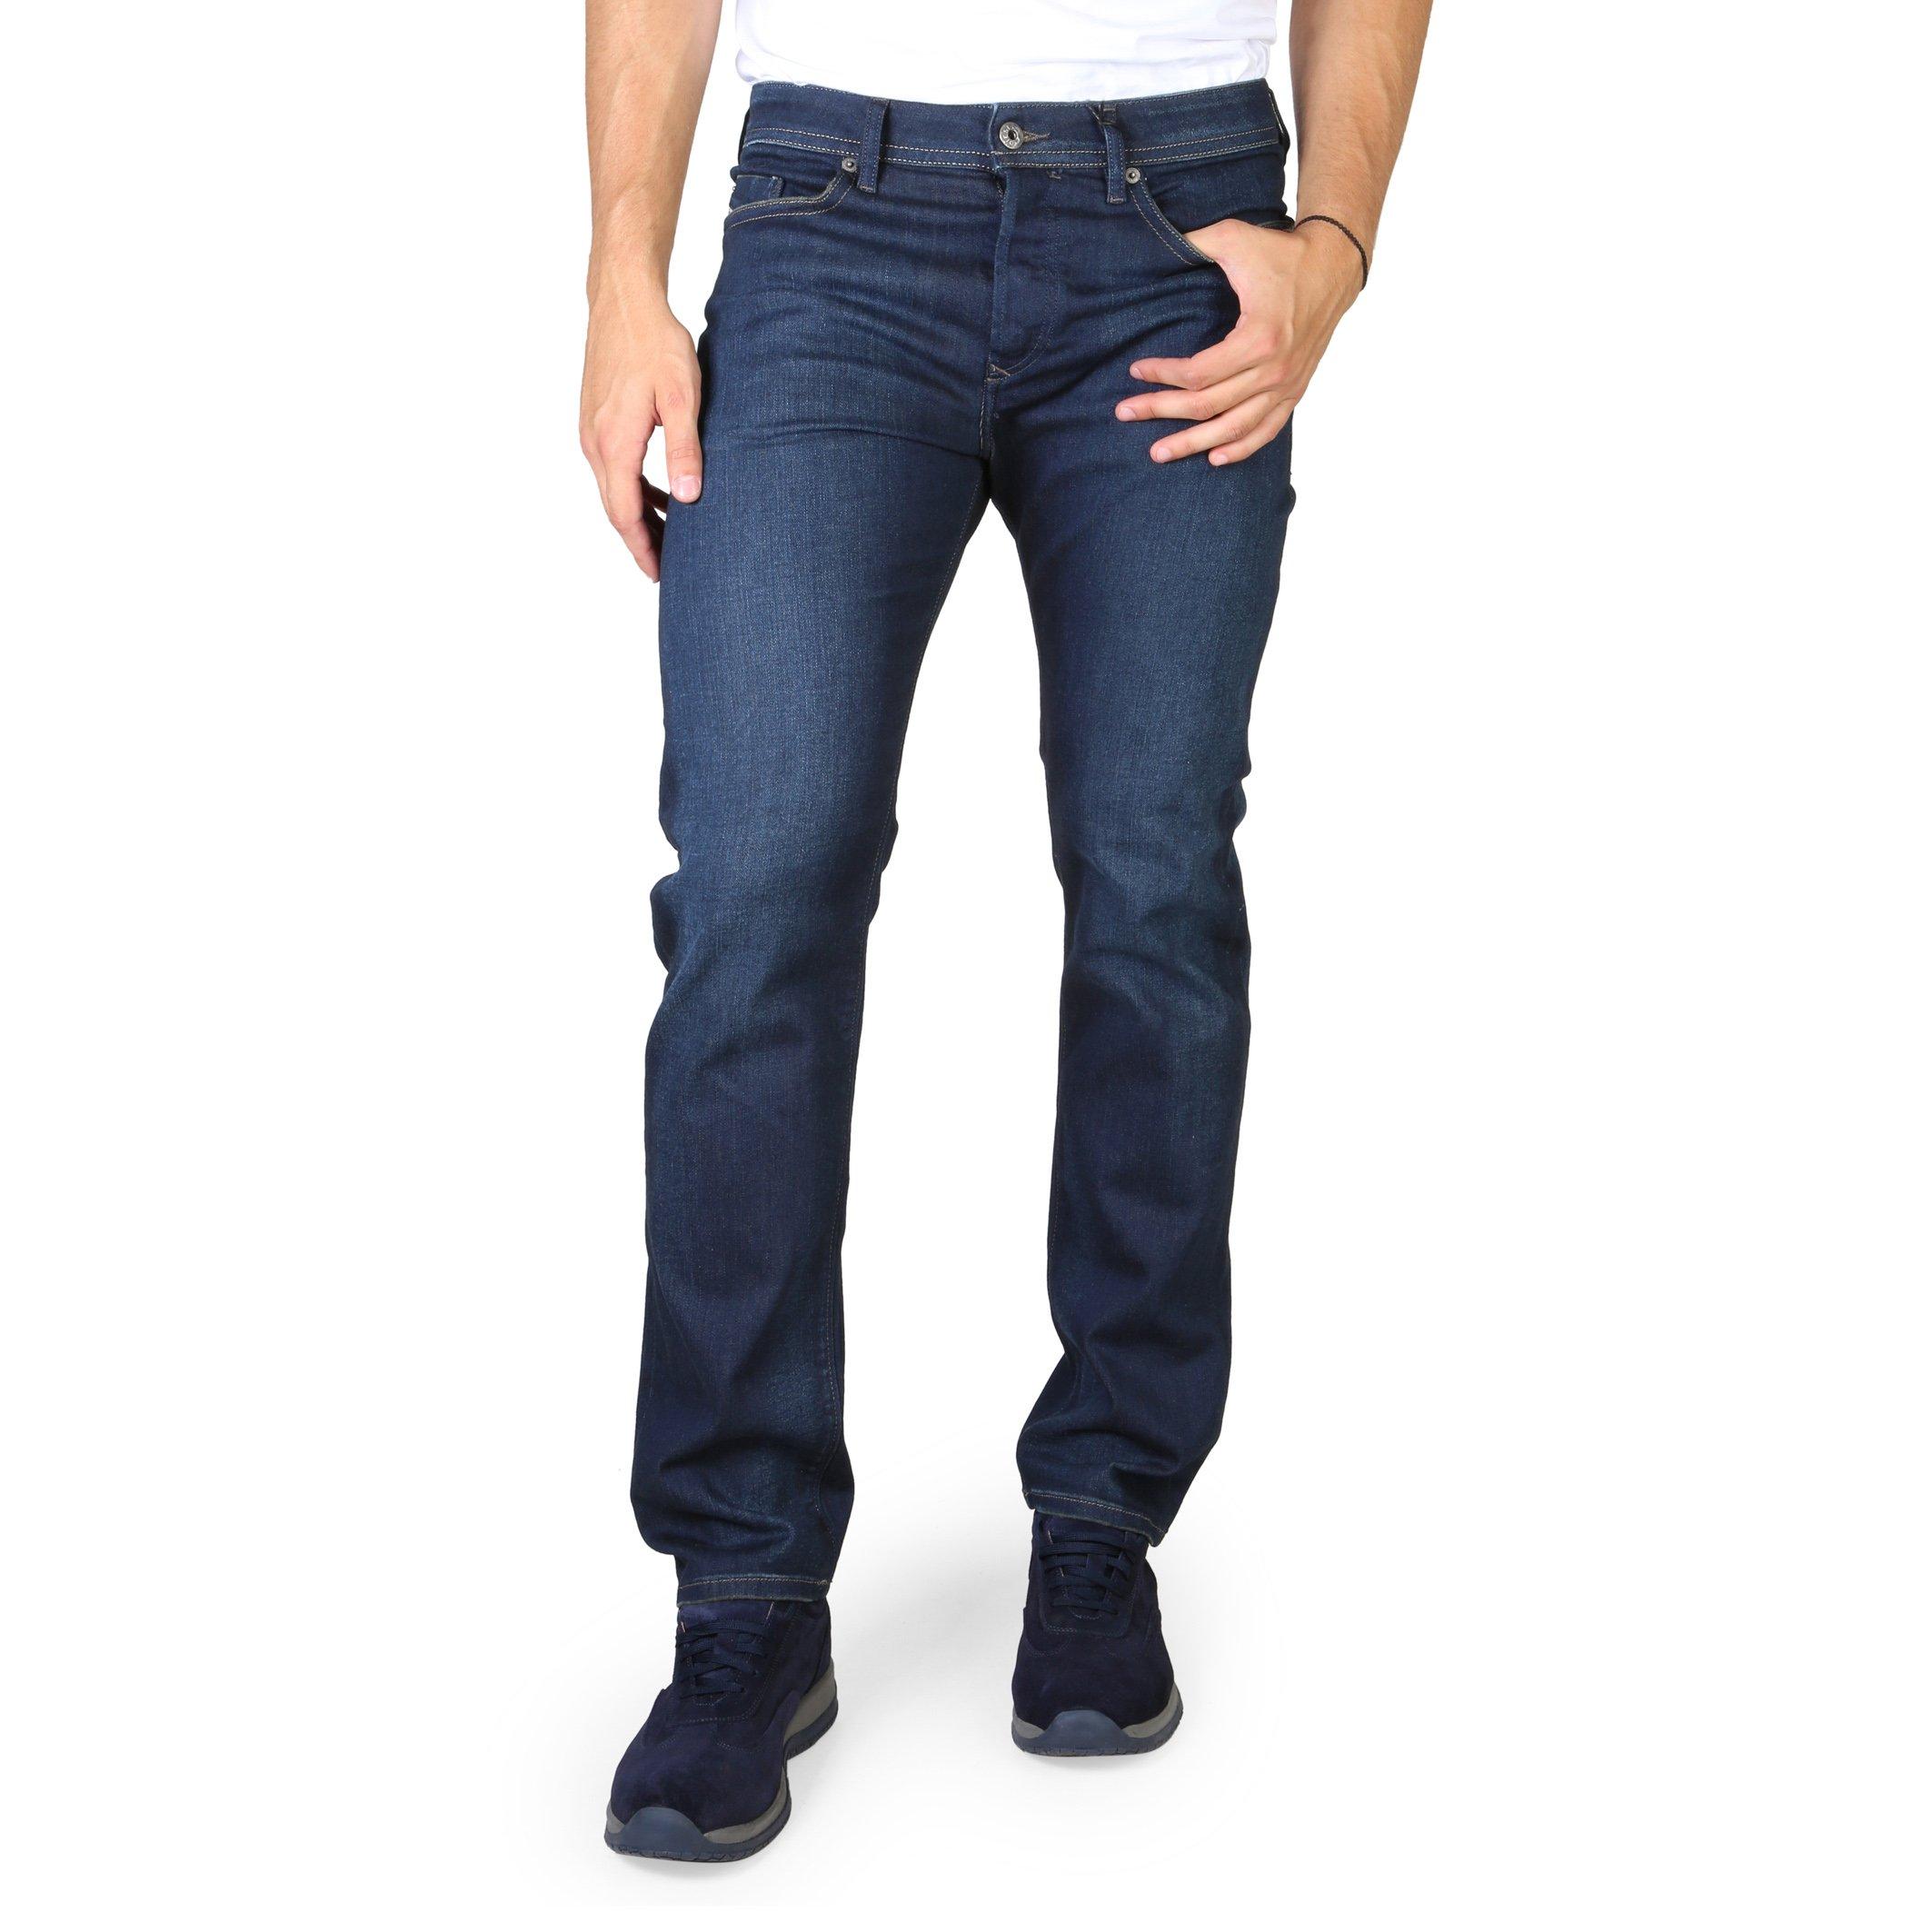 Diesel Men's Jeans Various Colours BUSTER_L32_00SDHB - blue-4 31